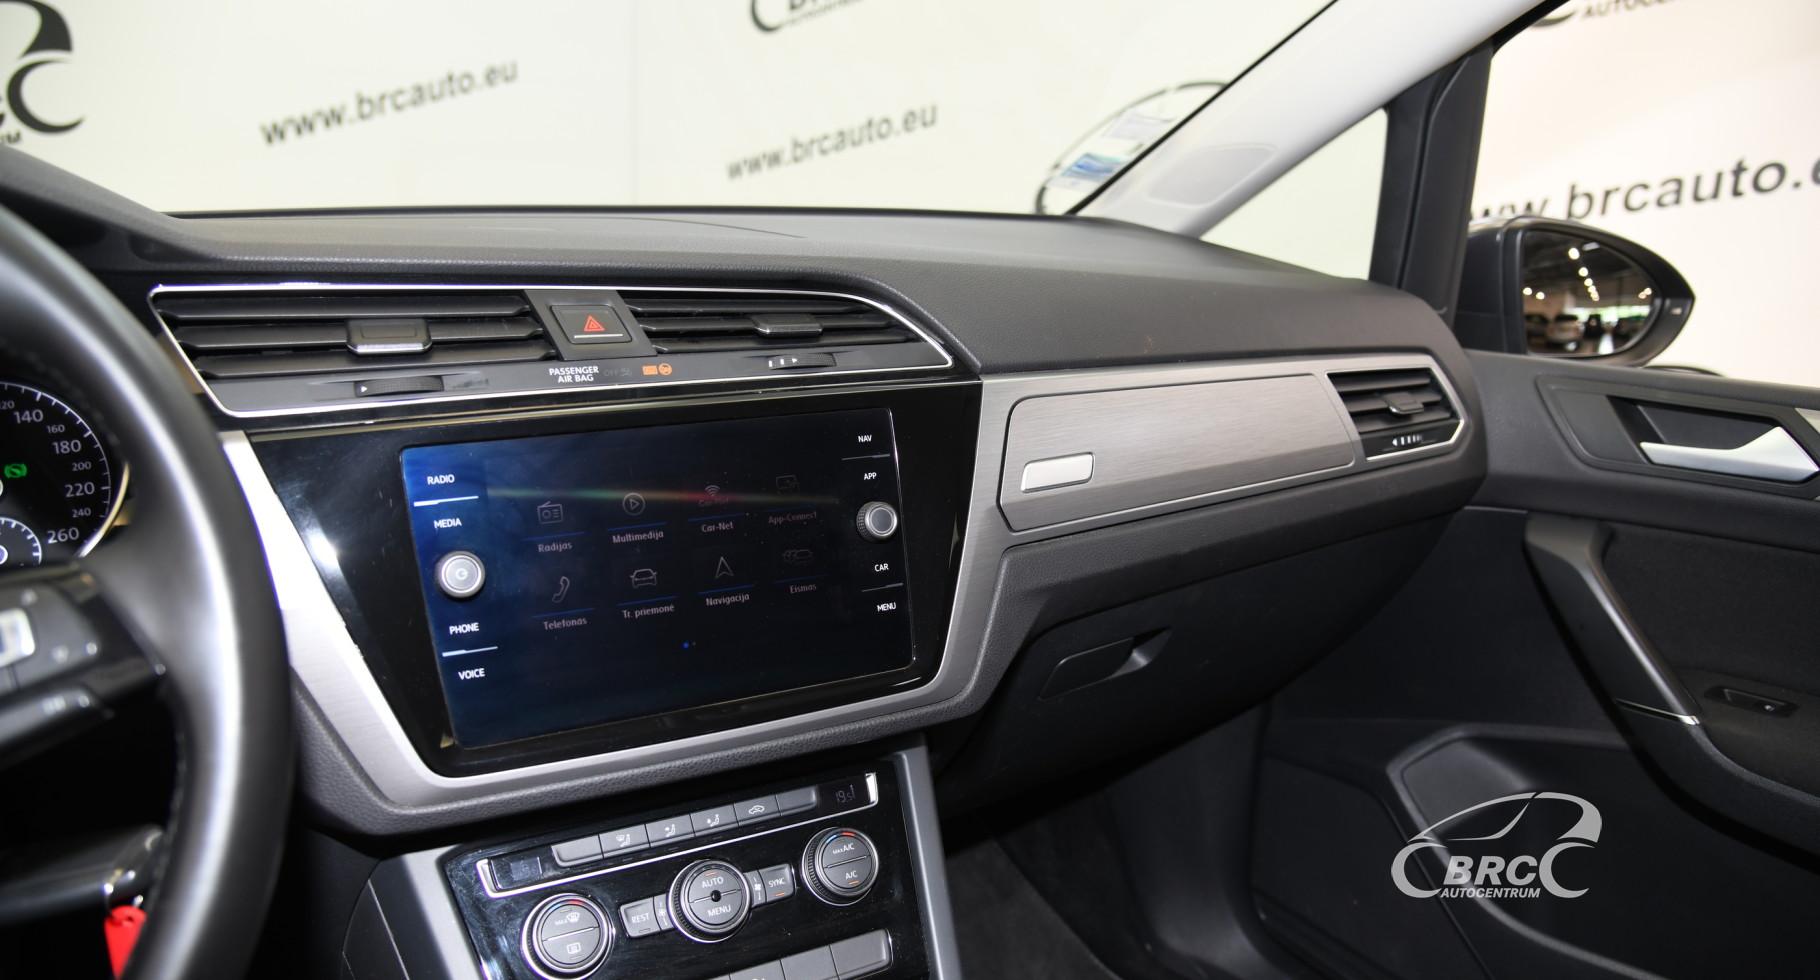 Volkswagen Touran 2.0 TDI Comfortline Automatas 7 Seats